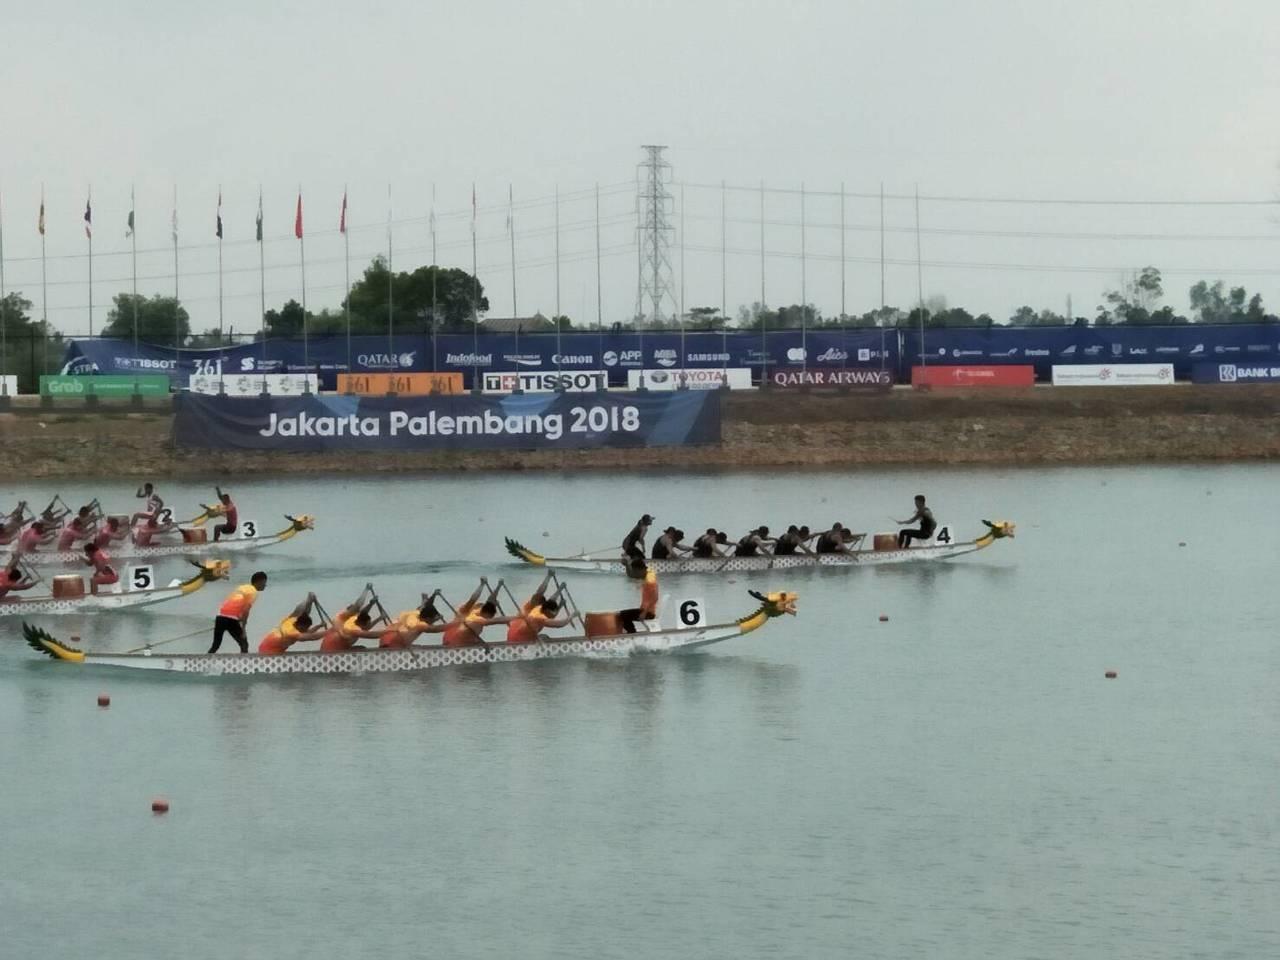 中華男子輕艇龍舟隊500公尺直道競賽奪金。圖/中華奧會提供